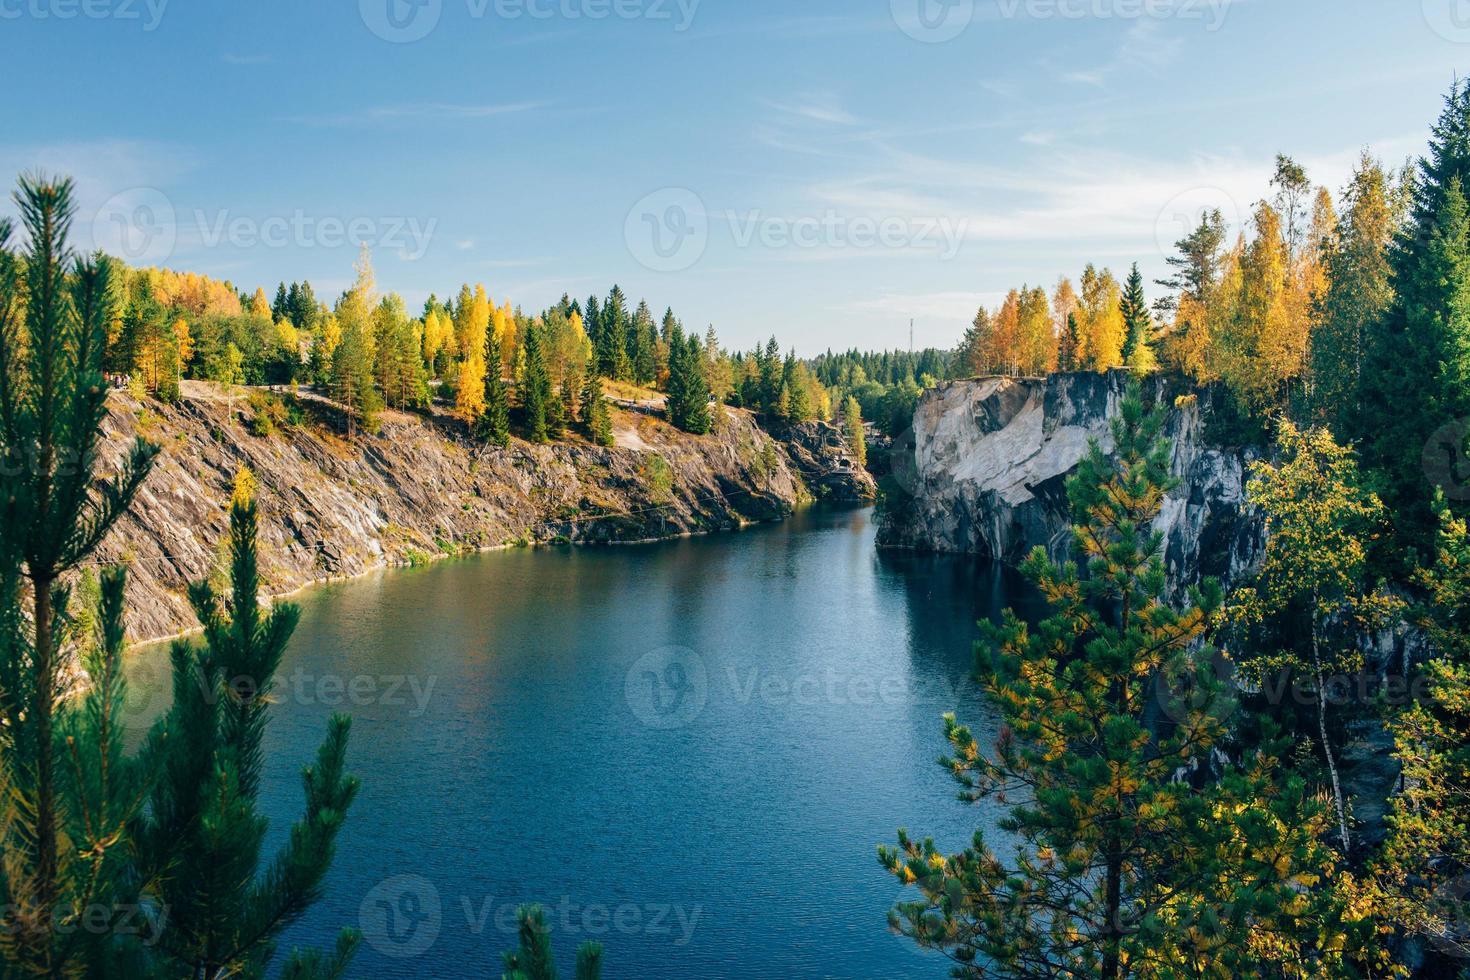 Carrière de marbre italien Ruskeala, Carélie, Russie photo